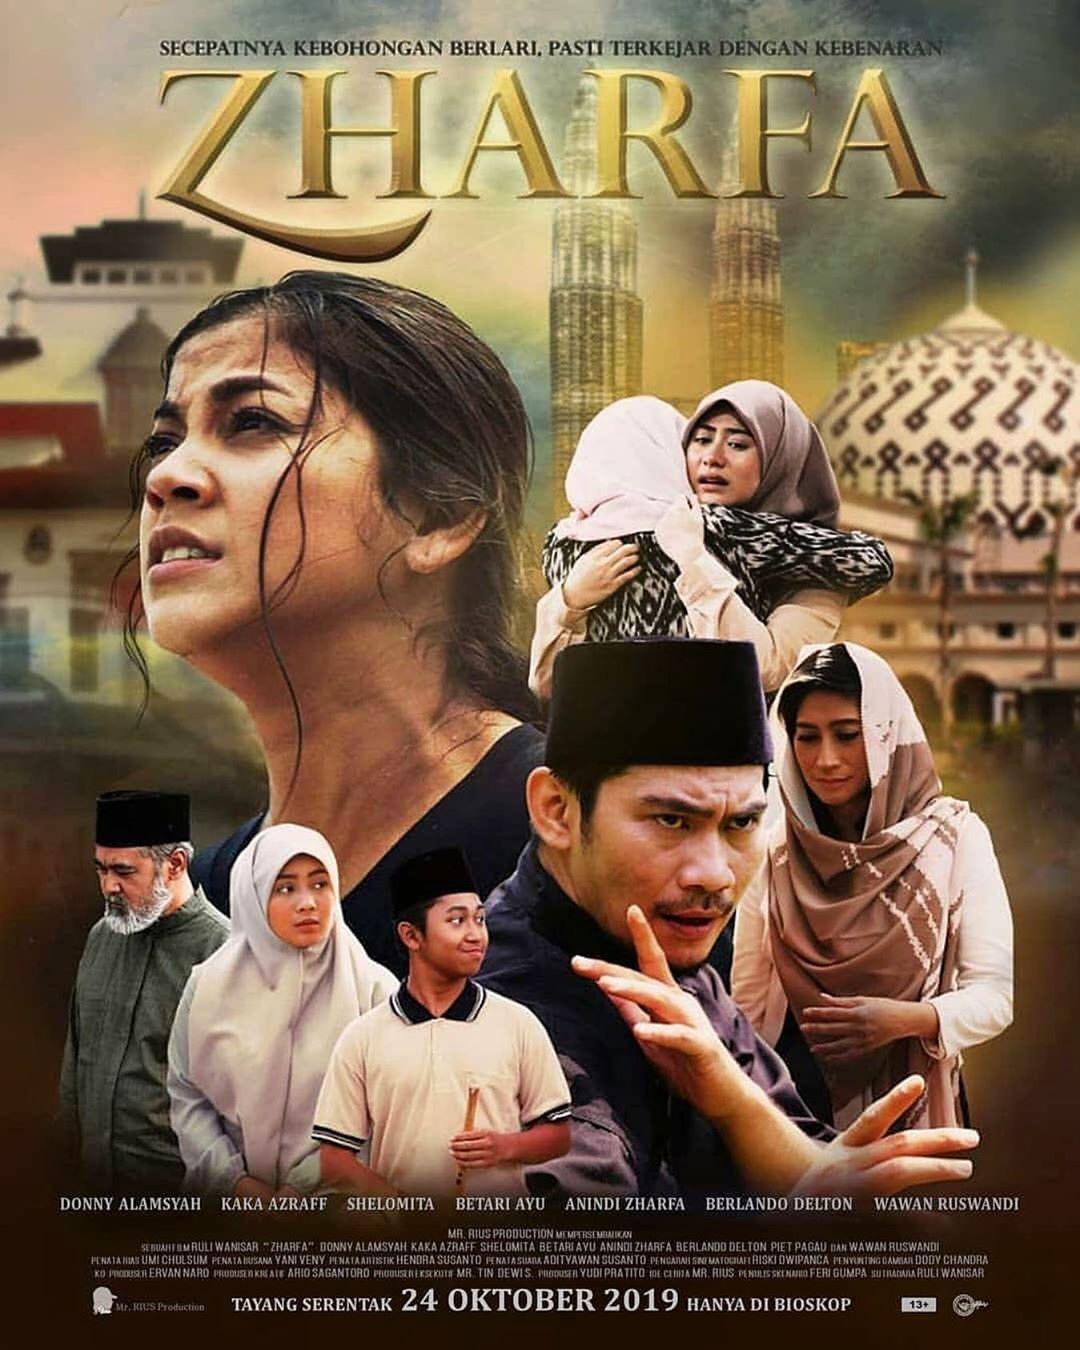 Download Zharfa (2019) Full Movie | Stream Zharfa (2019) Full HD | Watch Zharfa (2019) | Free Download Zharfa (2019) Full Movie